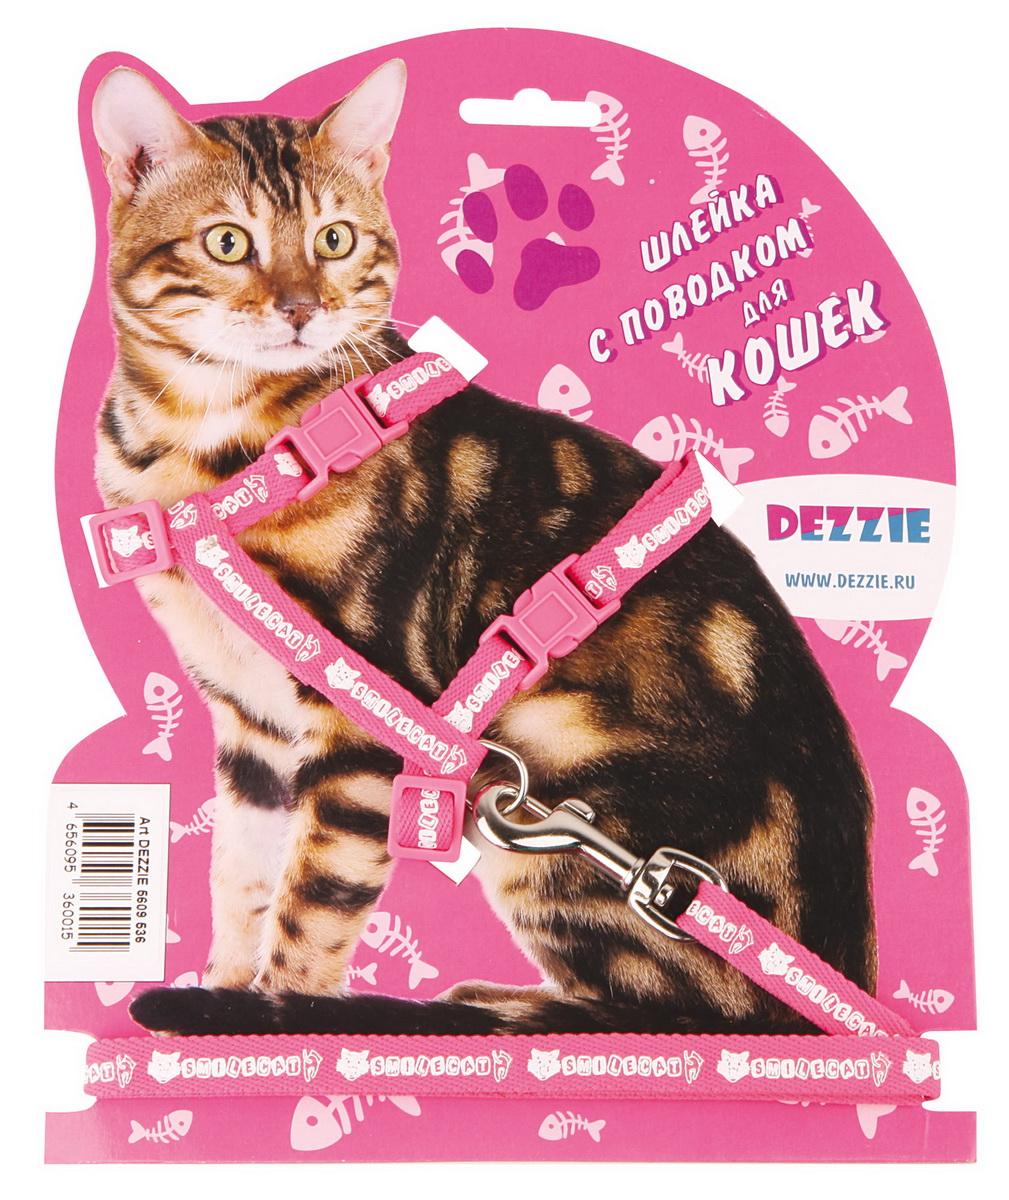 Шлейка для кошек Dezzie, с поводком, ширина 1 см, обхват груди 27-46 см, цвет: розовый, белый. 56095380120710Шлейка Dezzie, изготовленная из прочного нейлона, подходит для кошек крупных размеров. Крепкие пластиковые элементы делают ее надежной и долговечной. Обхват шлейки регулируется при помощи пряжек. В комплект входит поводок из нейлона, который крепится к шлейке с помощью металлического карабина. Шлейка и поводок оформлены изображением. Шлейка - это альтернатива ошейнику. Правильно подобранная шлейка не стесняет движения питомца, не натирает кожу, поэтому животное чувствует себя в ней уверенно и комфортно.Обхват груди: 27-46 см.Ширина шлейки/поводка: 1 см.Длина поводка: 120 см.Длина ошейника: 27-46 см.